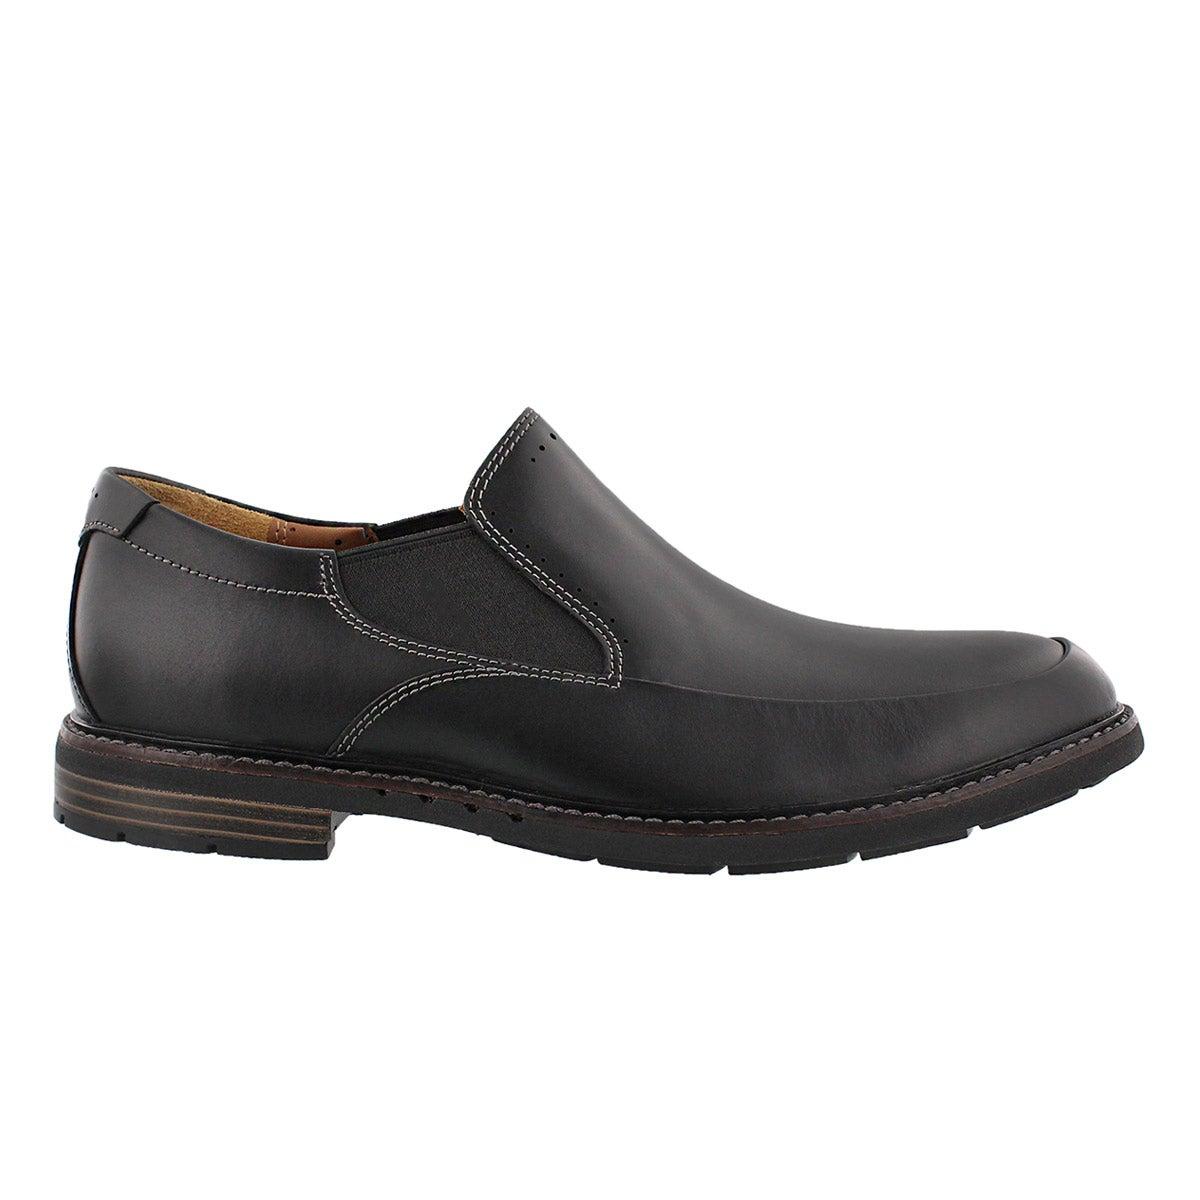 Mns Un.Ellot Step blk slip on dress shoe